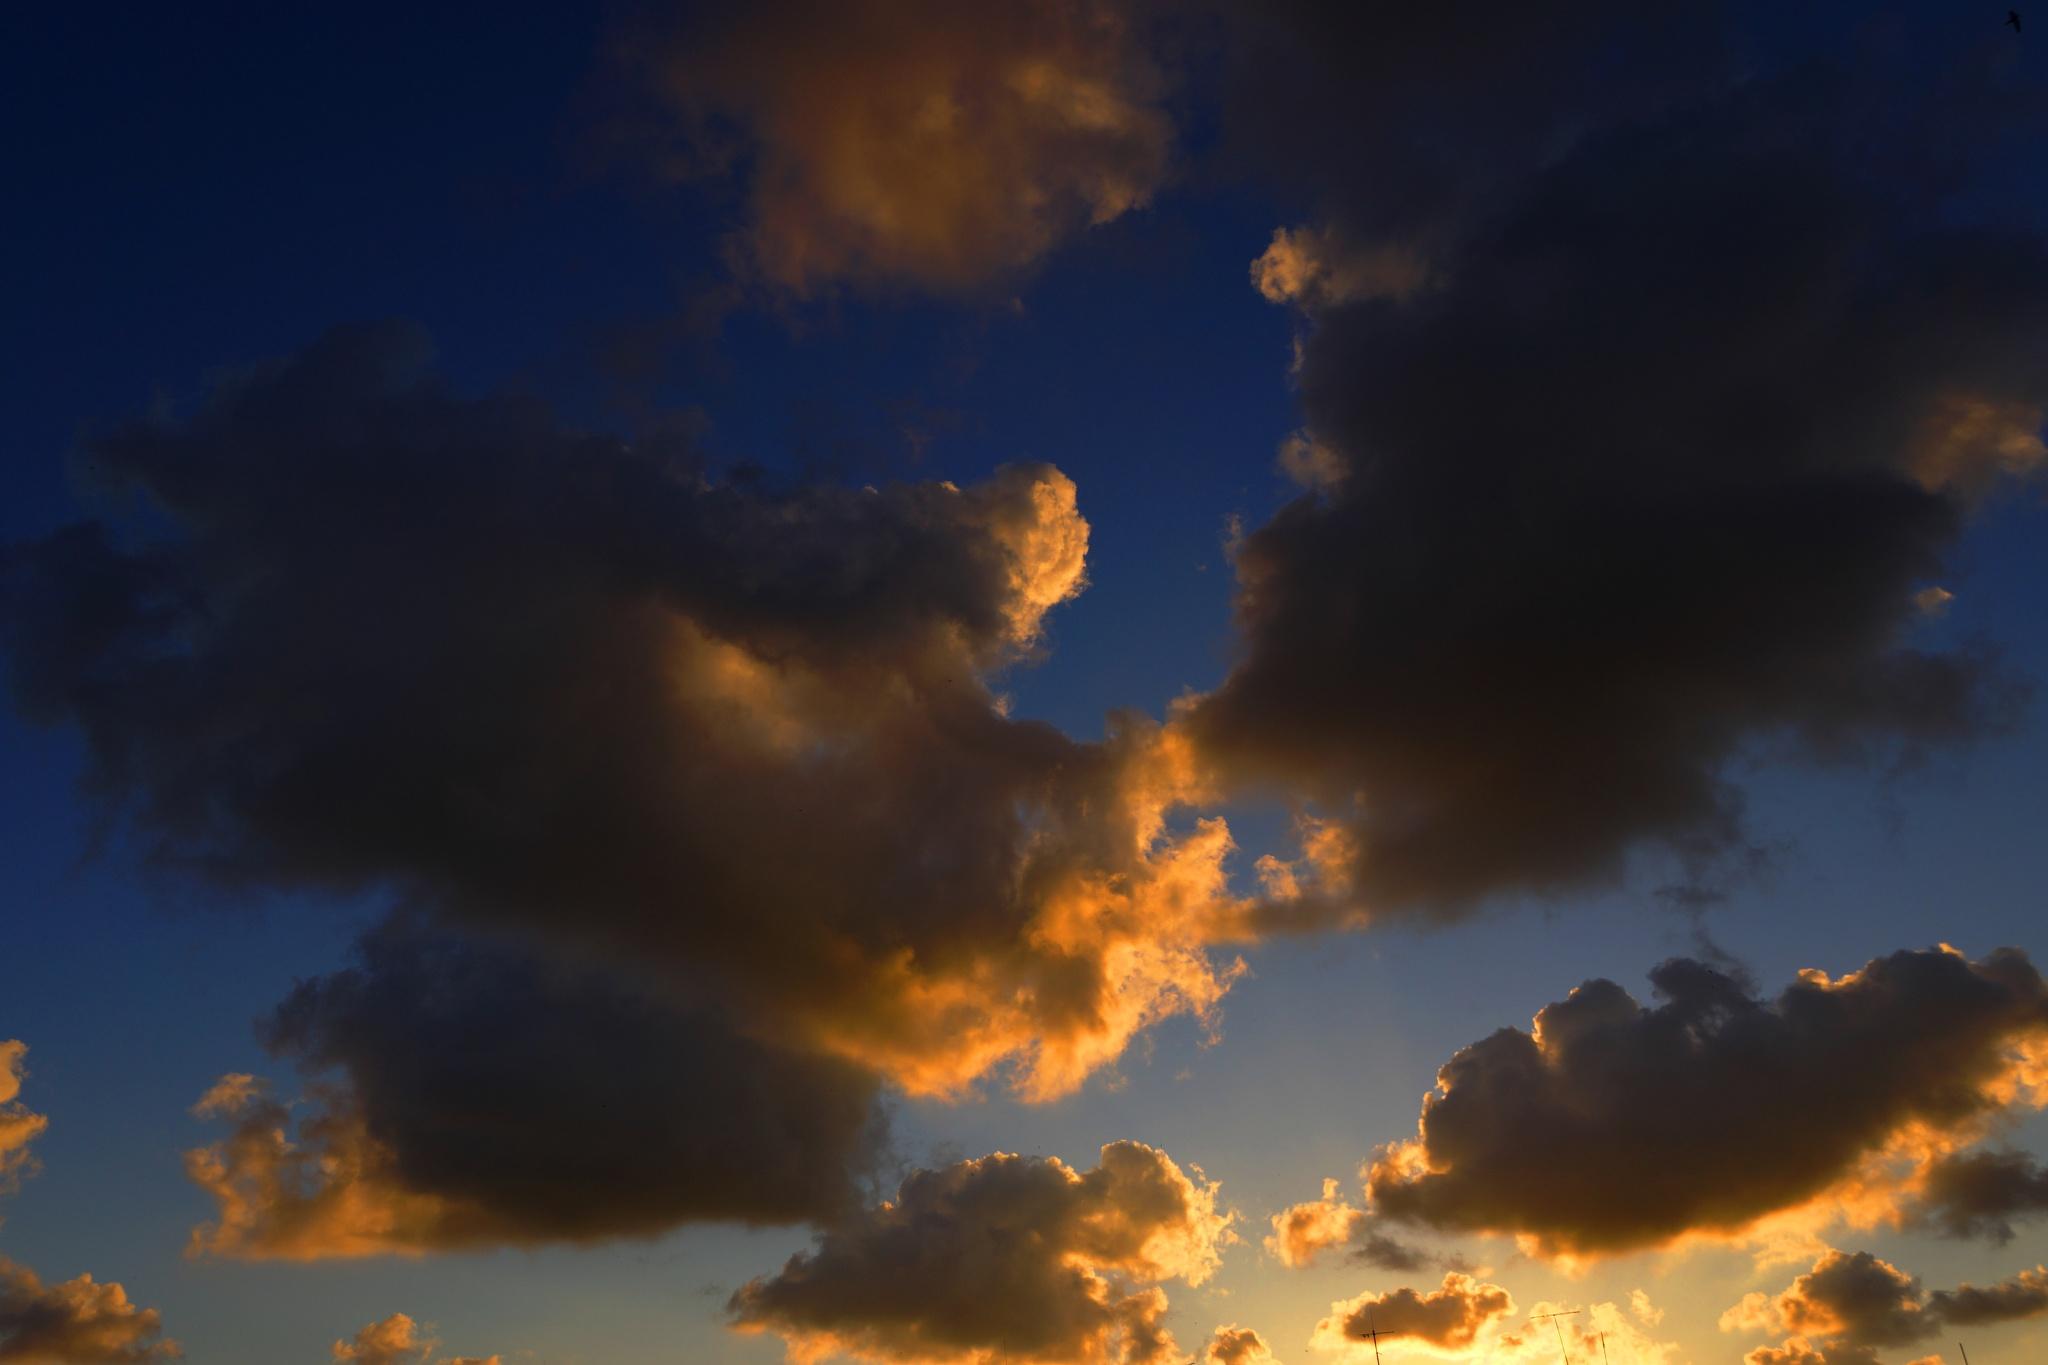 Clouds 3 by libol